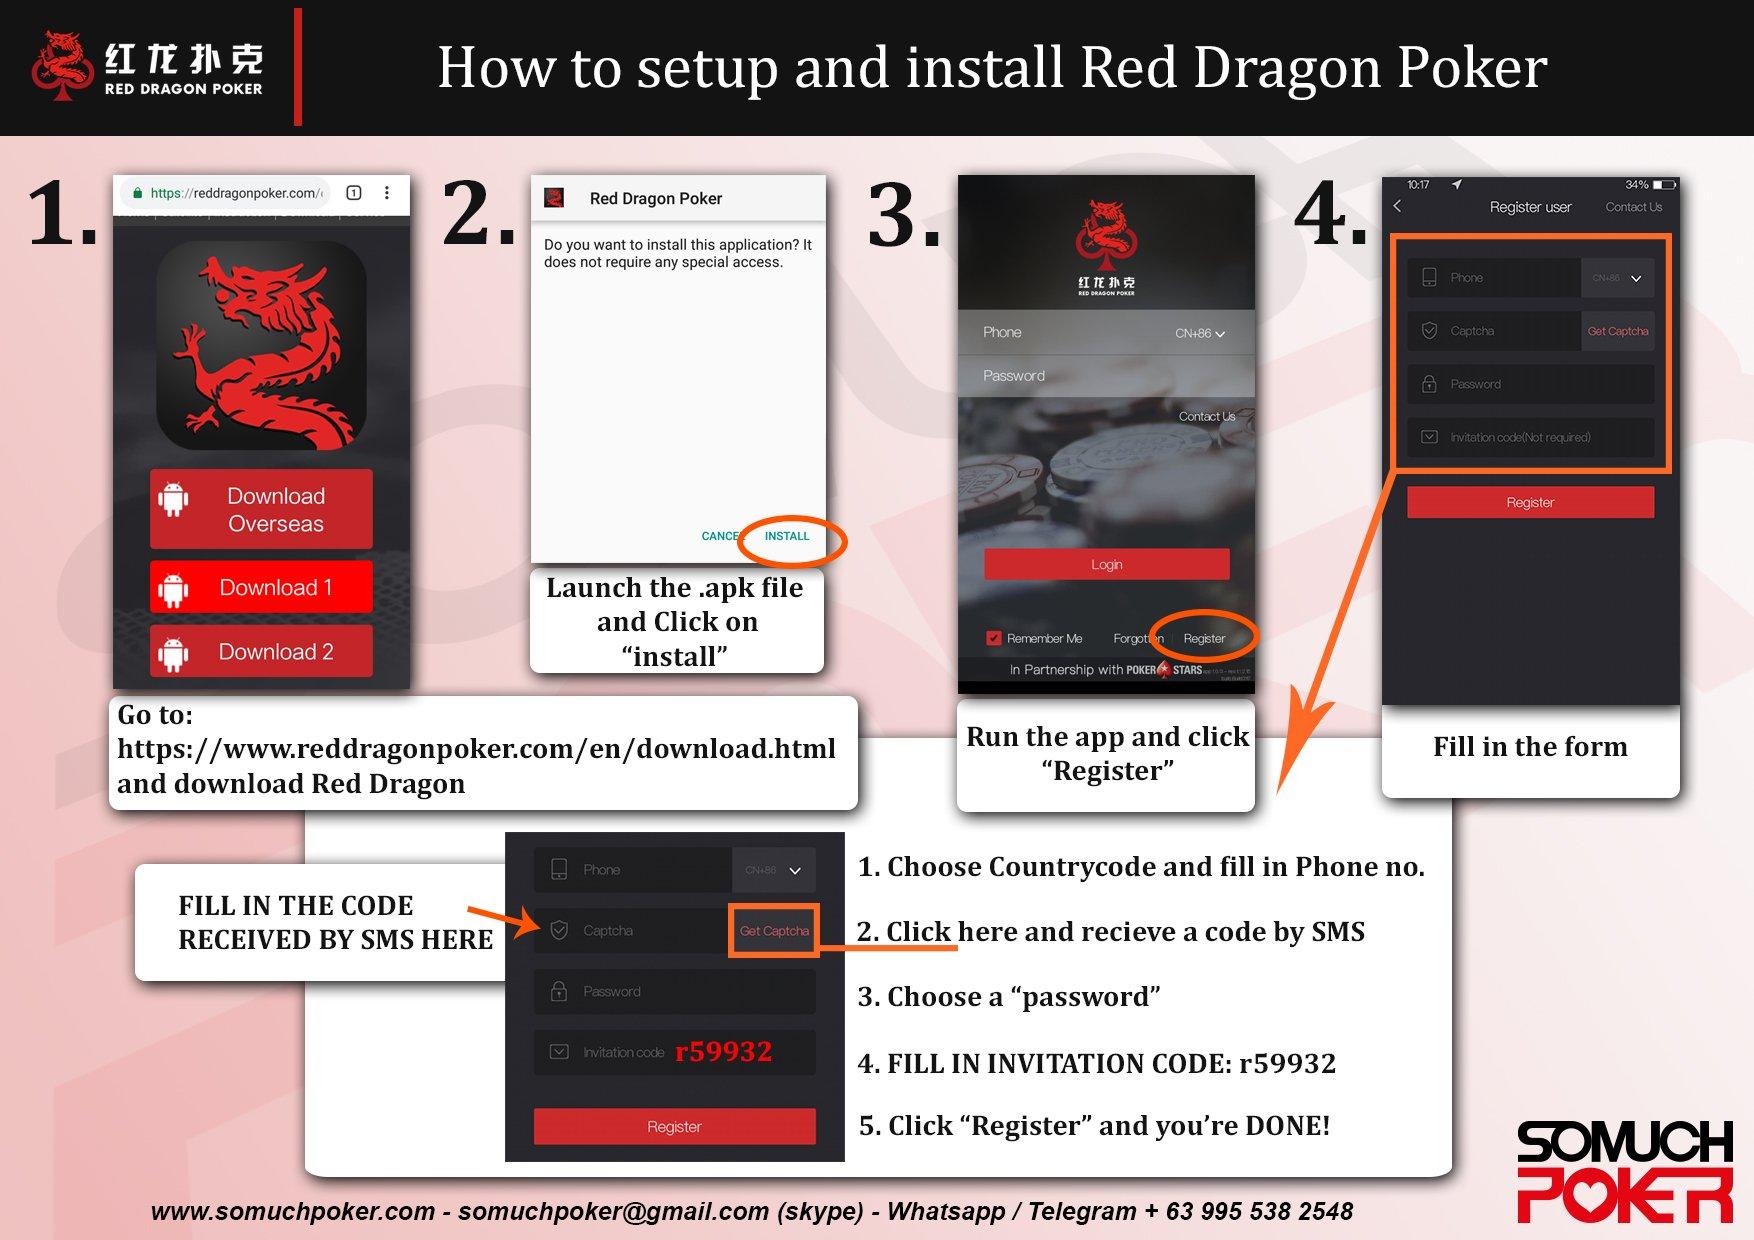 Red Dragon Poker App Install